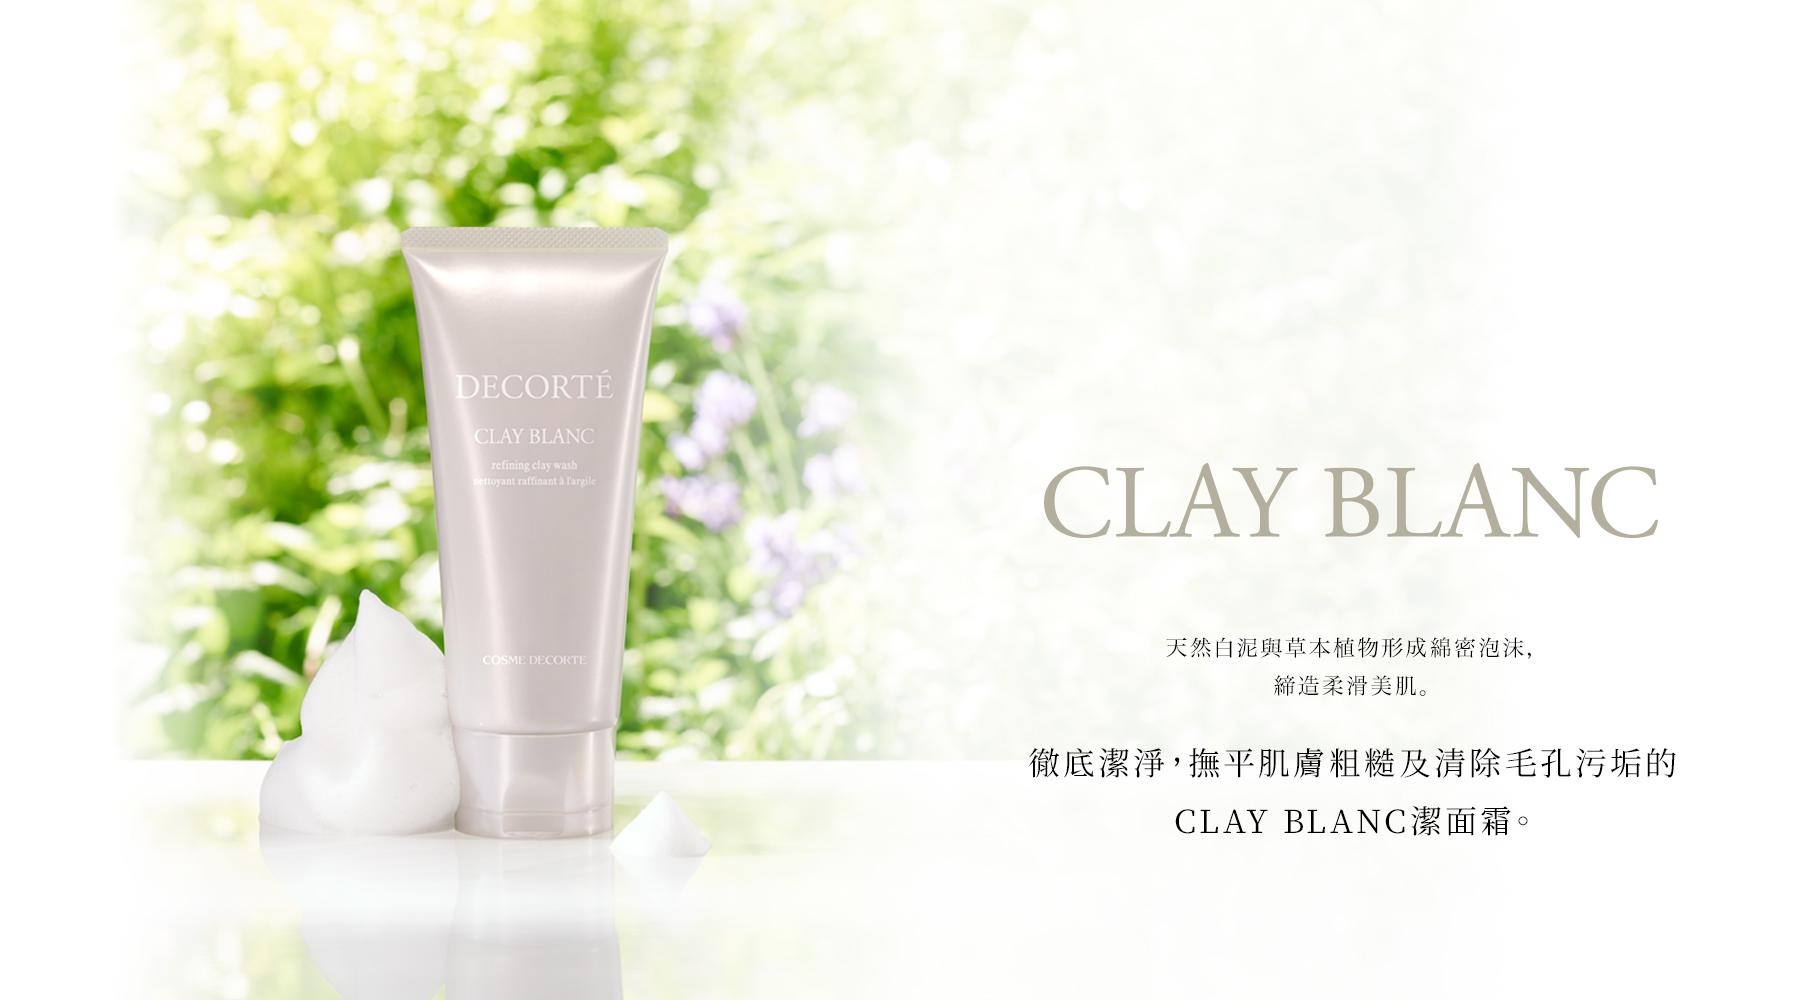 CLAY BLANC